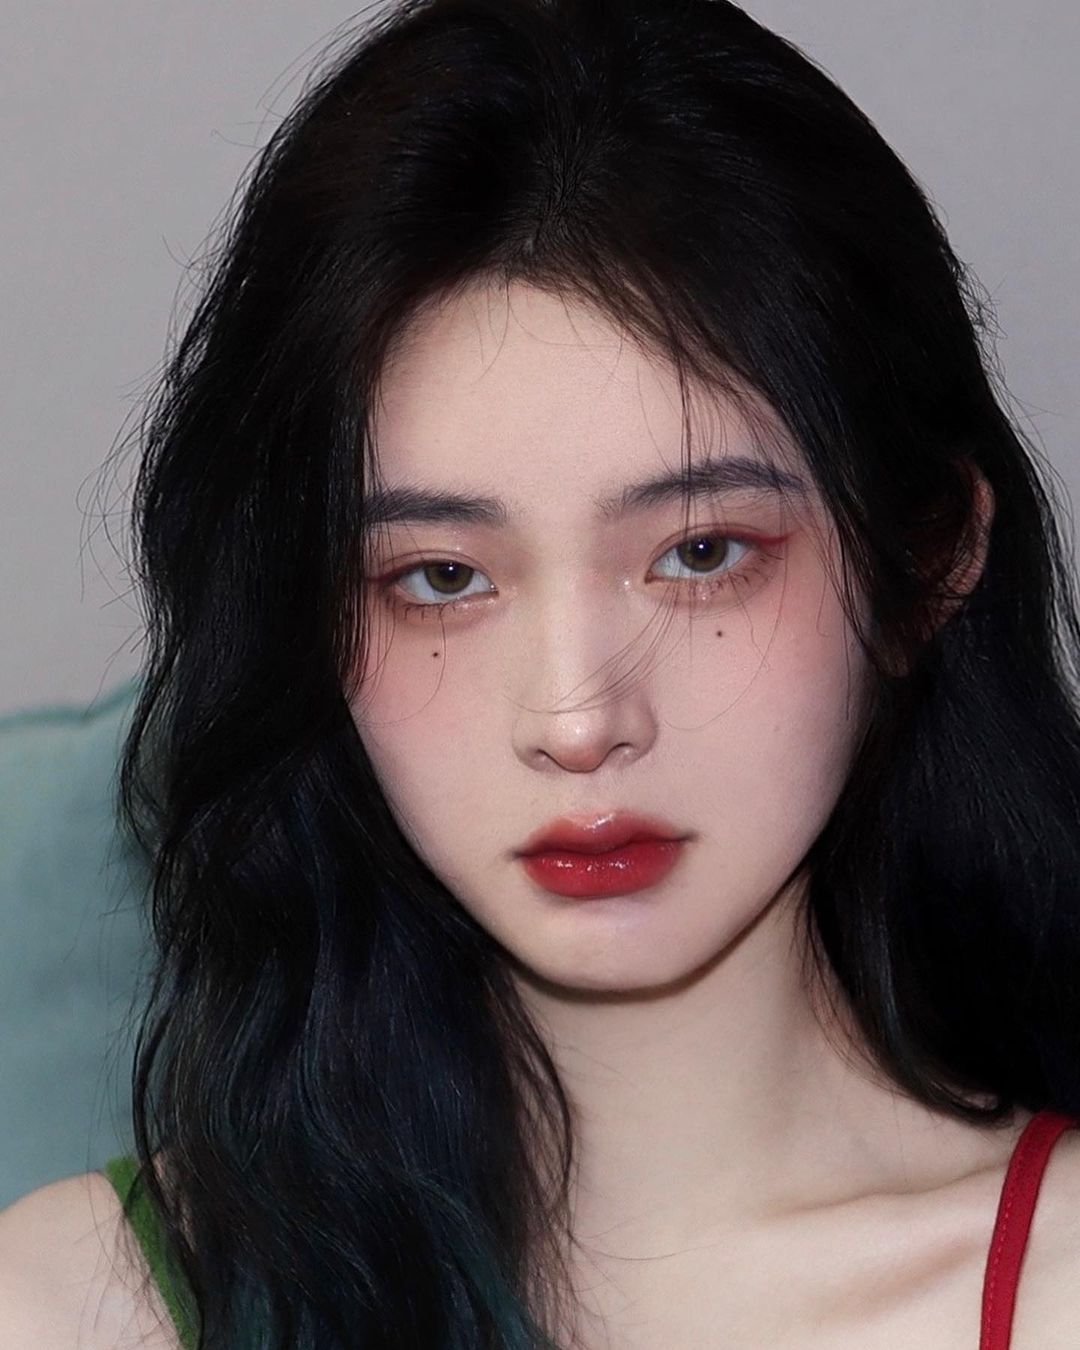 Không chỉ tán nhũ ở bầu mắt trên, phần viền mí mắt dưới và khóe mắt cũng được các hot girl Trung Quốc sử dụng nhũ rất nhiệt tình. Họ thậm chí còn dùng nhiều loại nhũ khác nhau để tán đều khắp đôi mắt, giúp cửa sổ tâm hồn trở nên rất to tròn, long lanh.